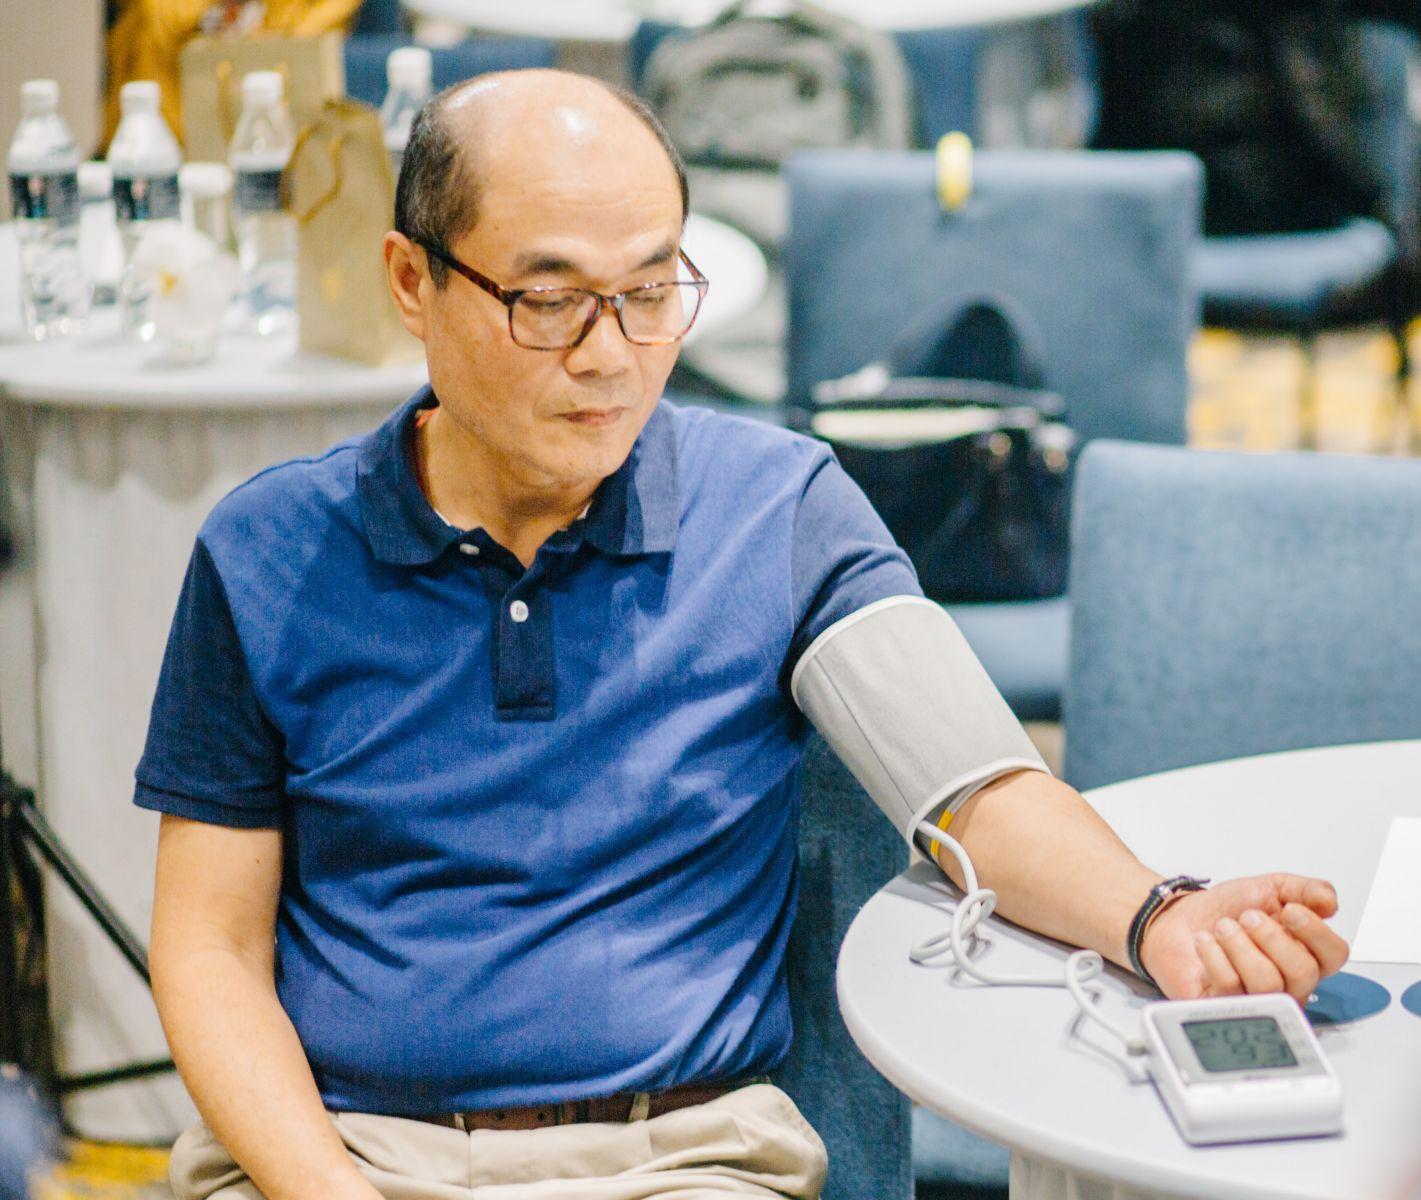 高血壓控制不良 當心全身器官都遭殃